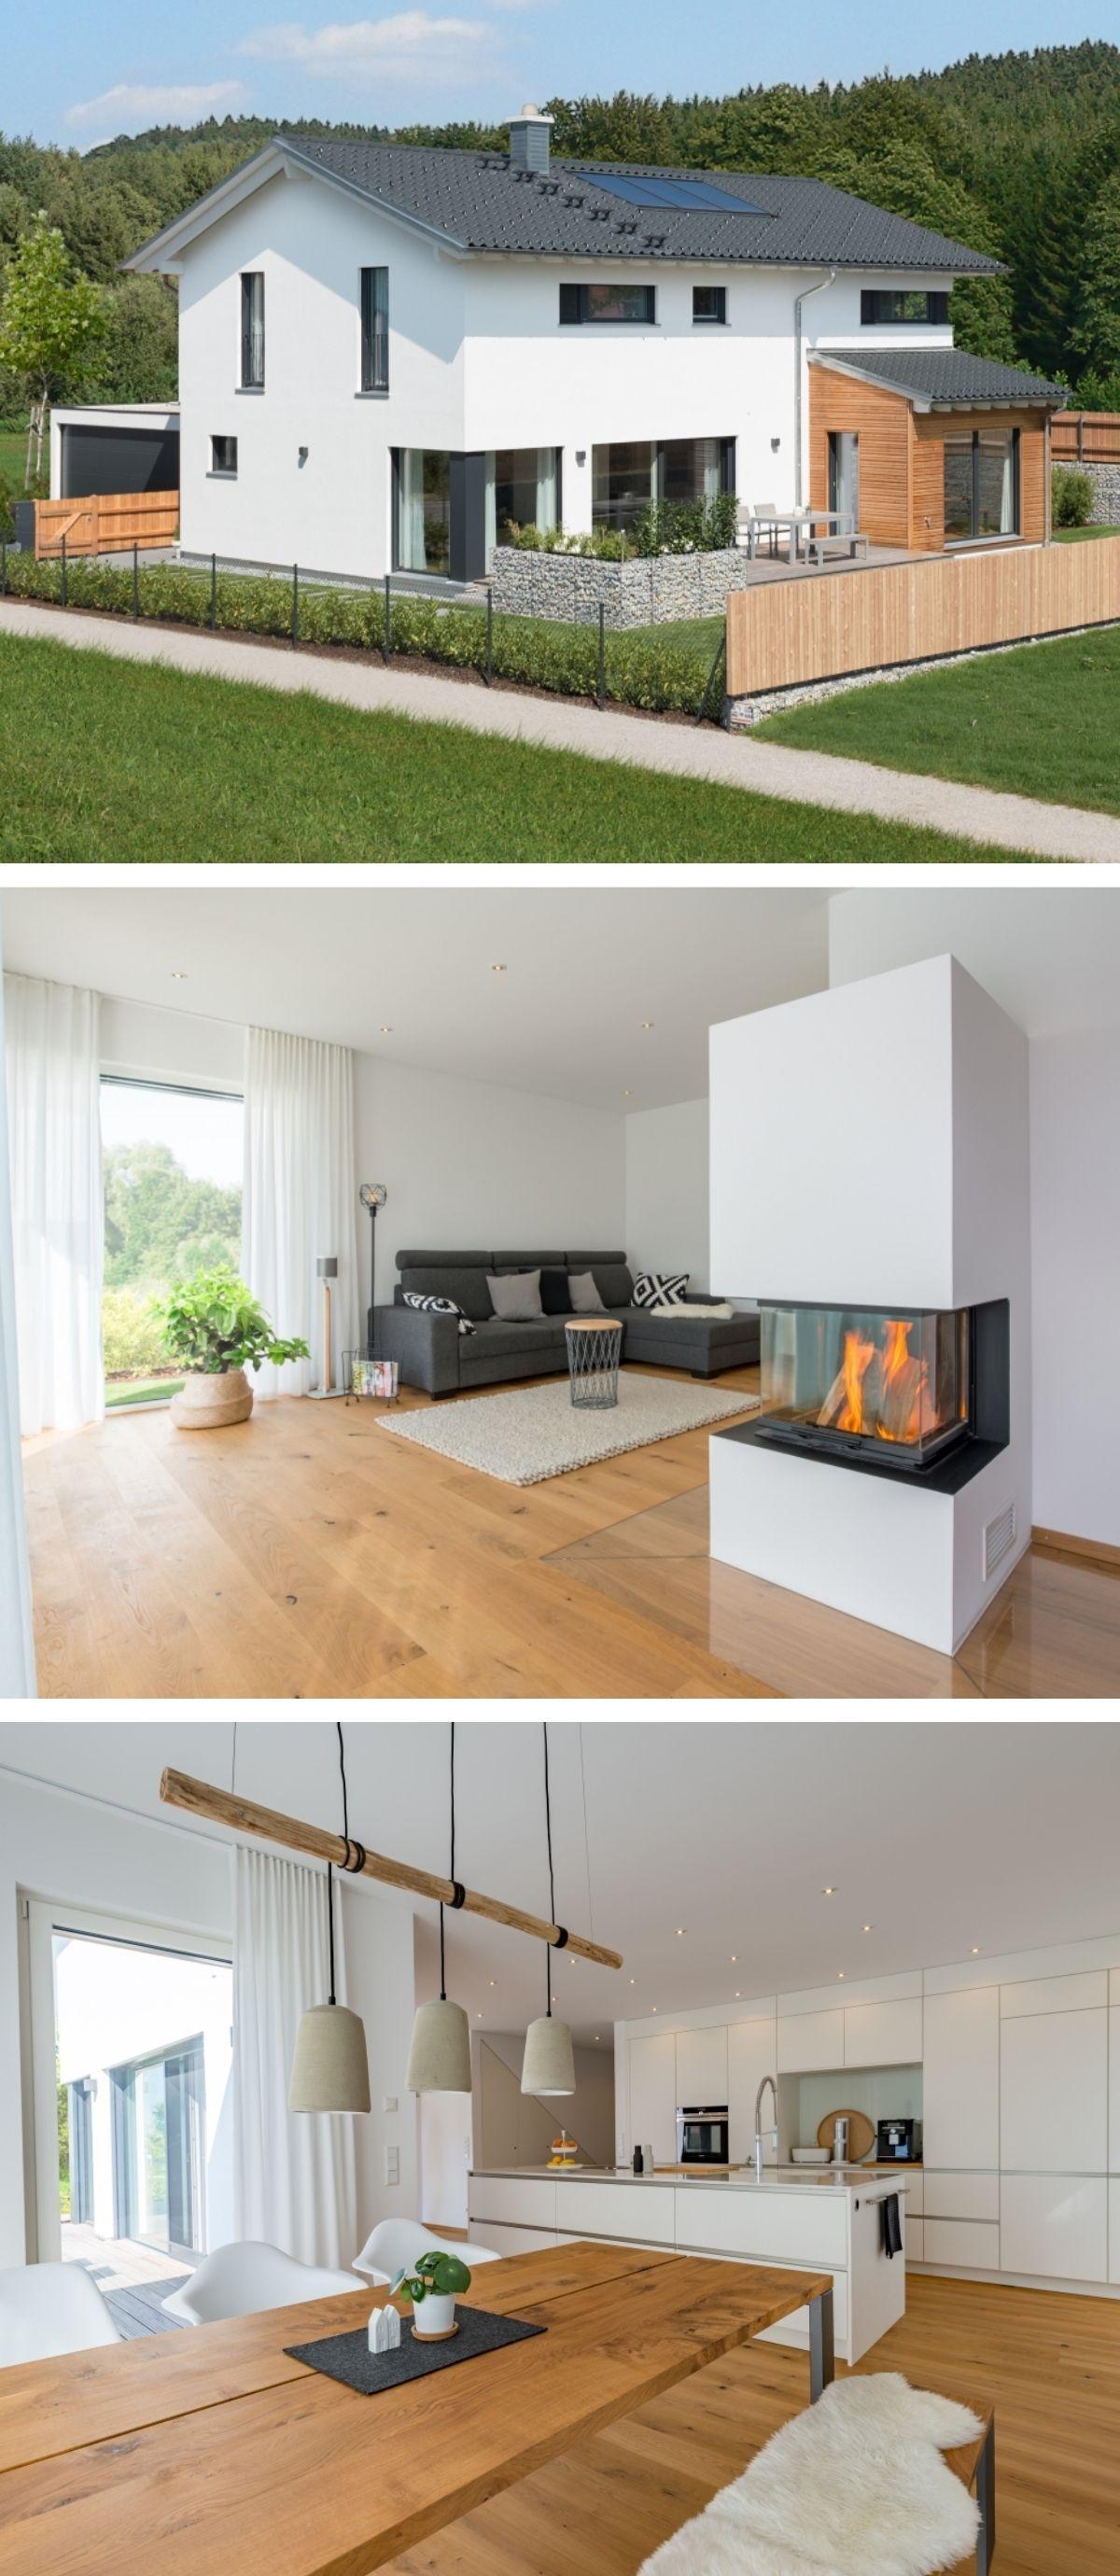 Einfamilienhaus Modern Im Landhausstil Mit Holzfassade Satteldach